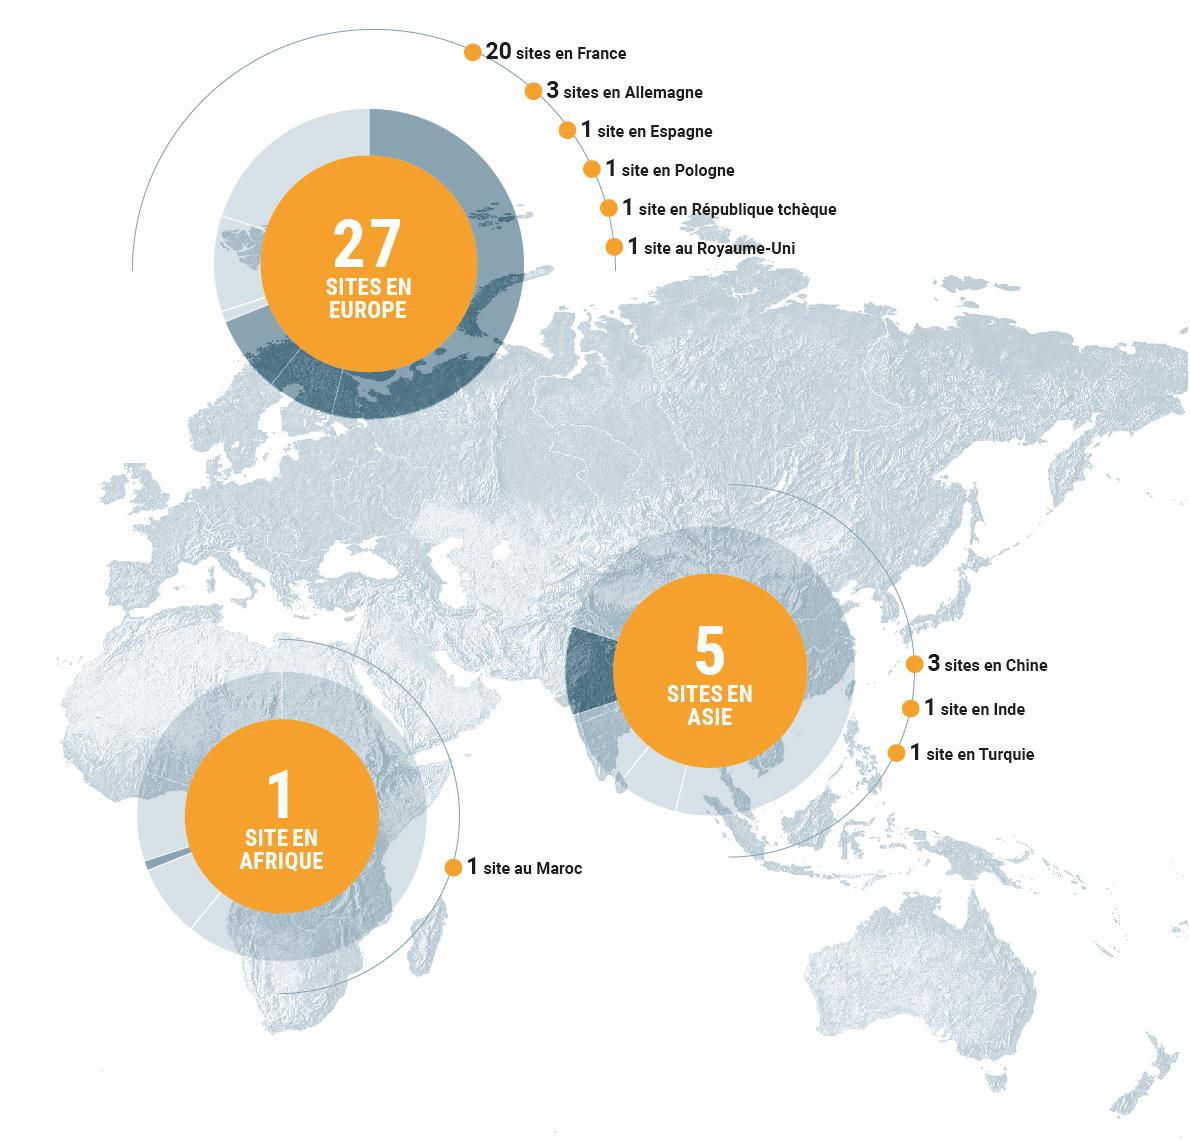 27 sites en Europe, 1 site en Afrique, 5 sites en Asie